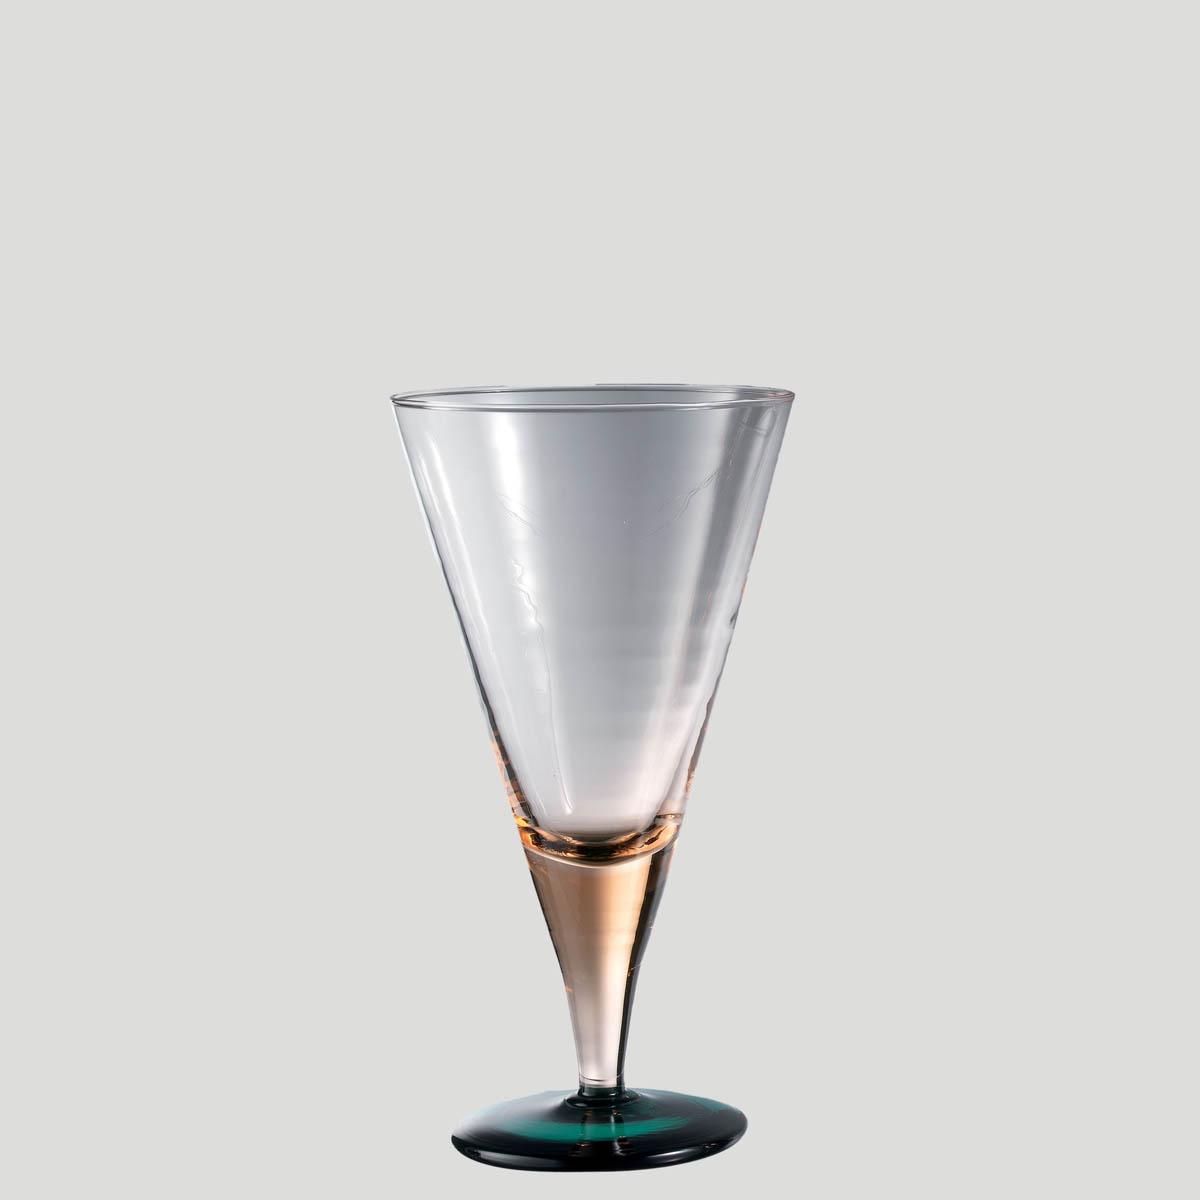 Vela Grande - Coppa per gelato in vetro - Gardagel